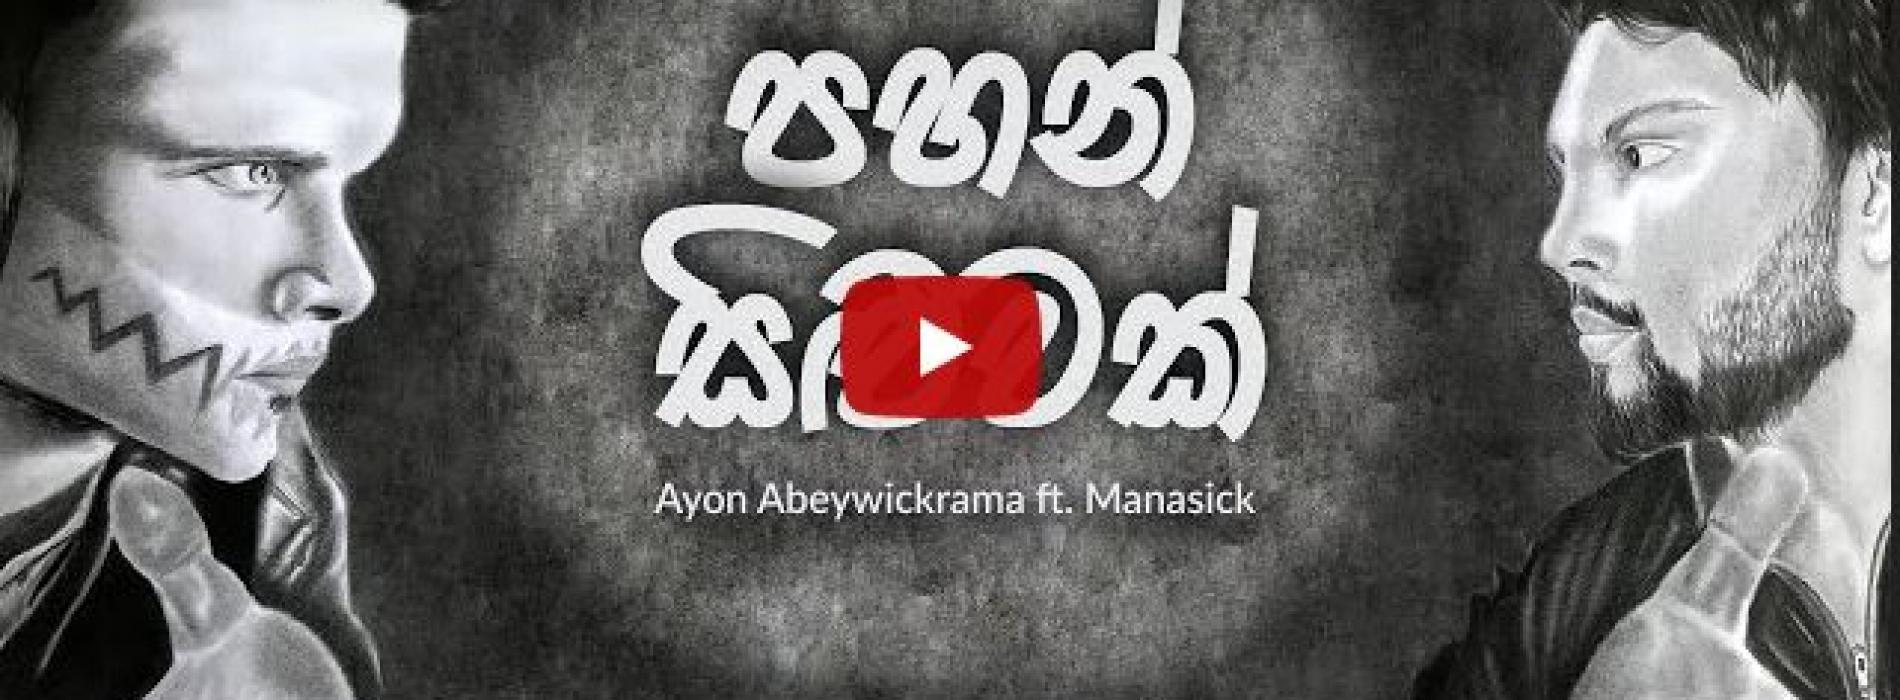 New Music : Pahansiluwak – Ayon Abeywickrama ft Manasick